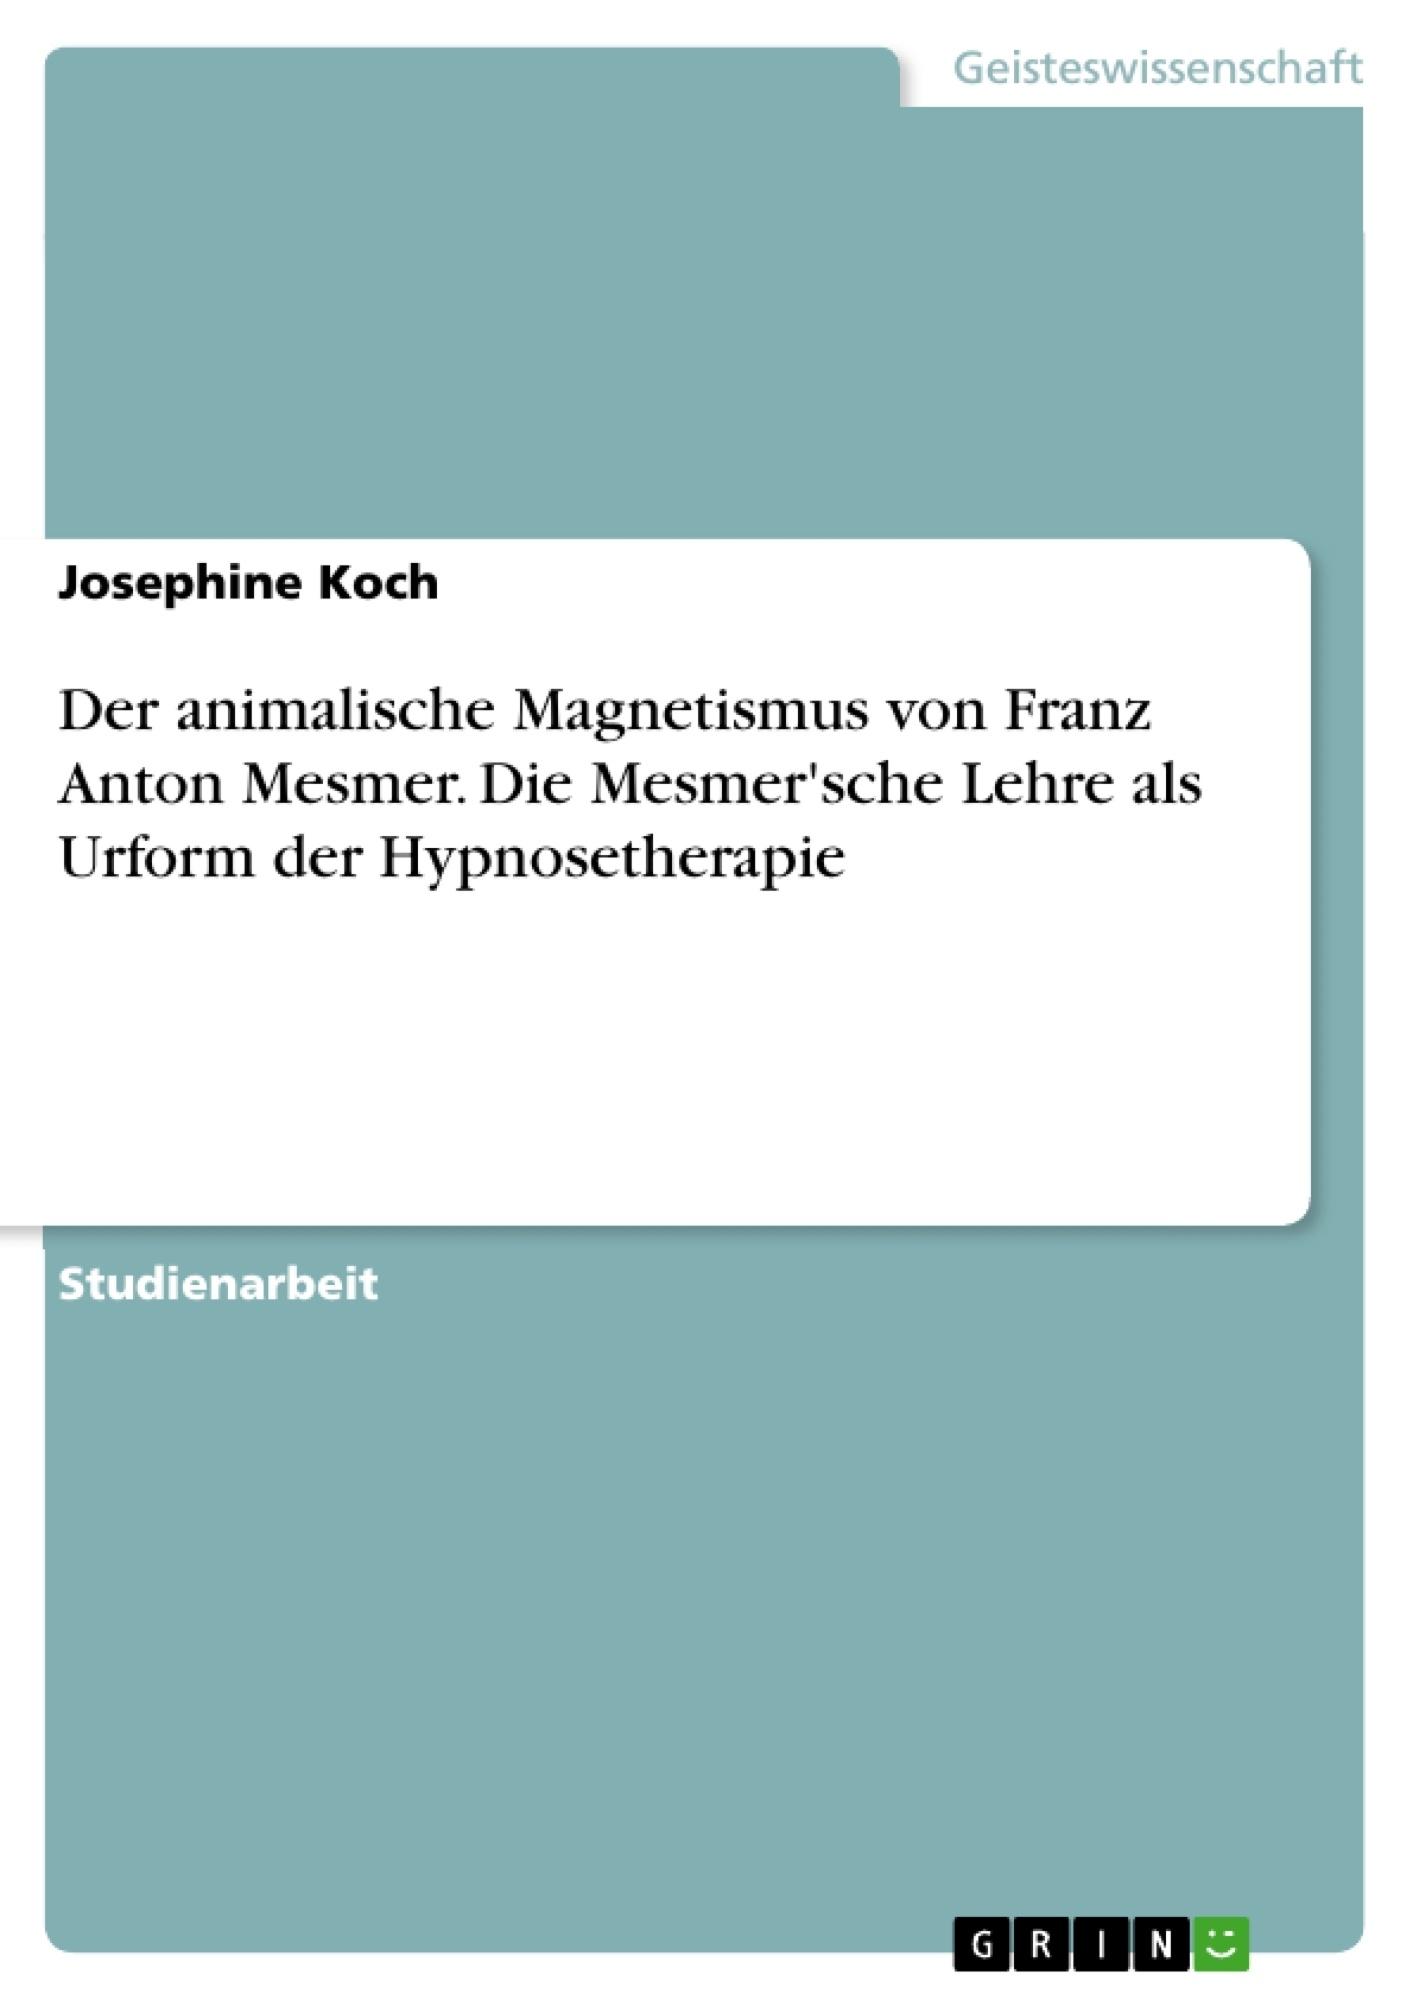 Titel: Der animalische Magnetismus von Franz Anton Mesmer. Die Mesmer'sche Lehre als Urform der Hypnosetherapie